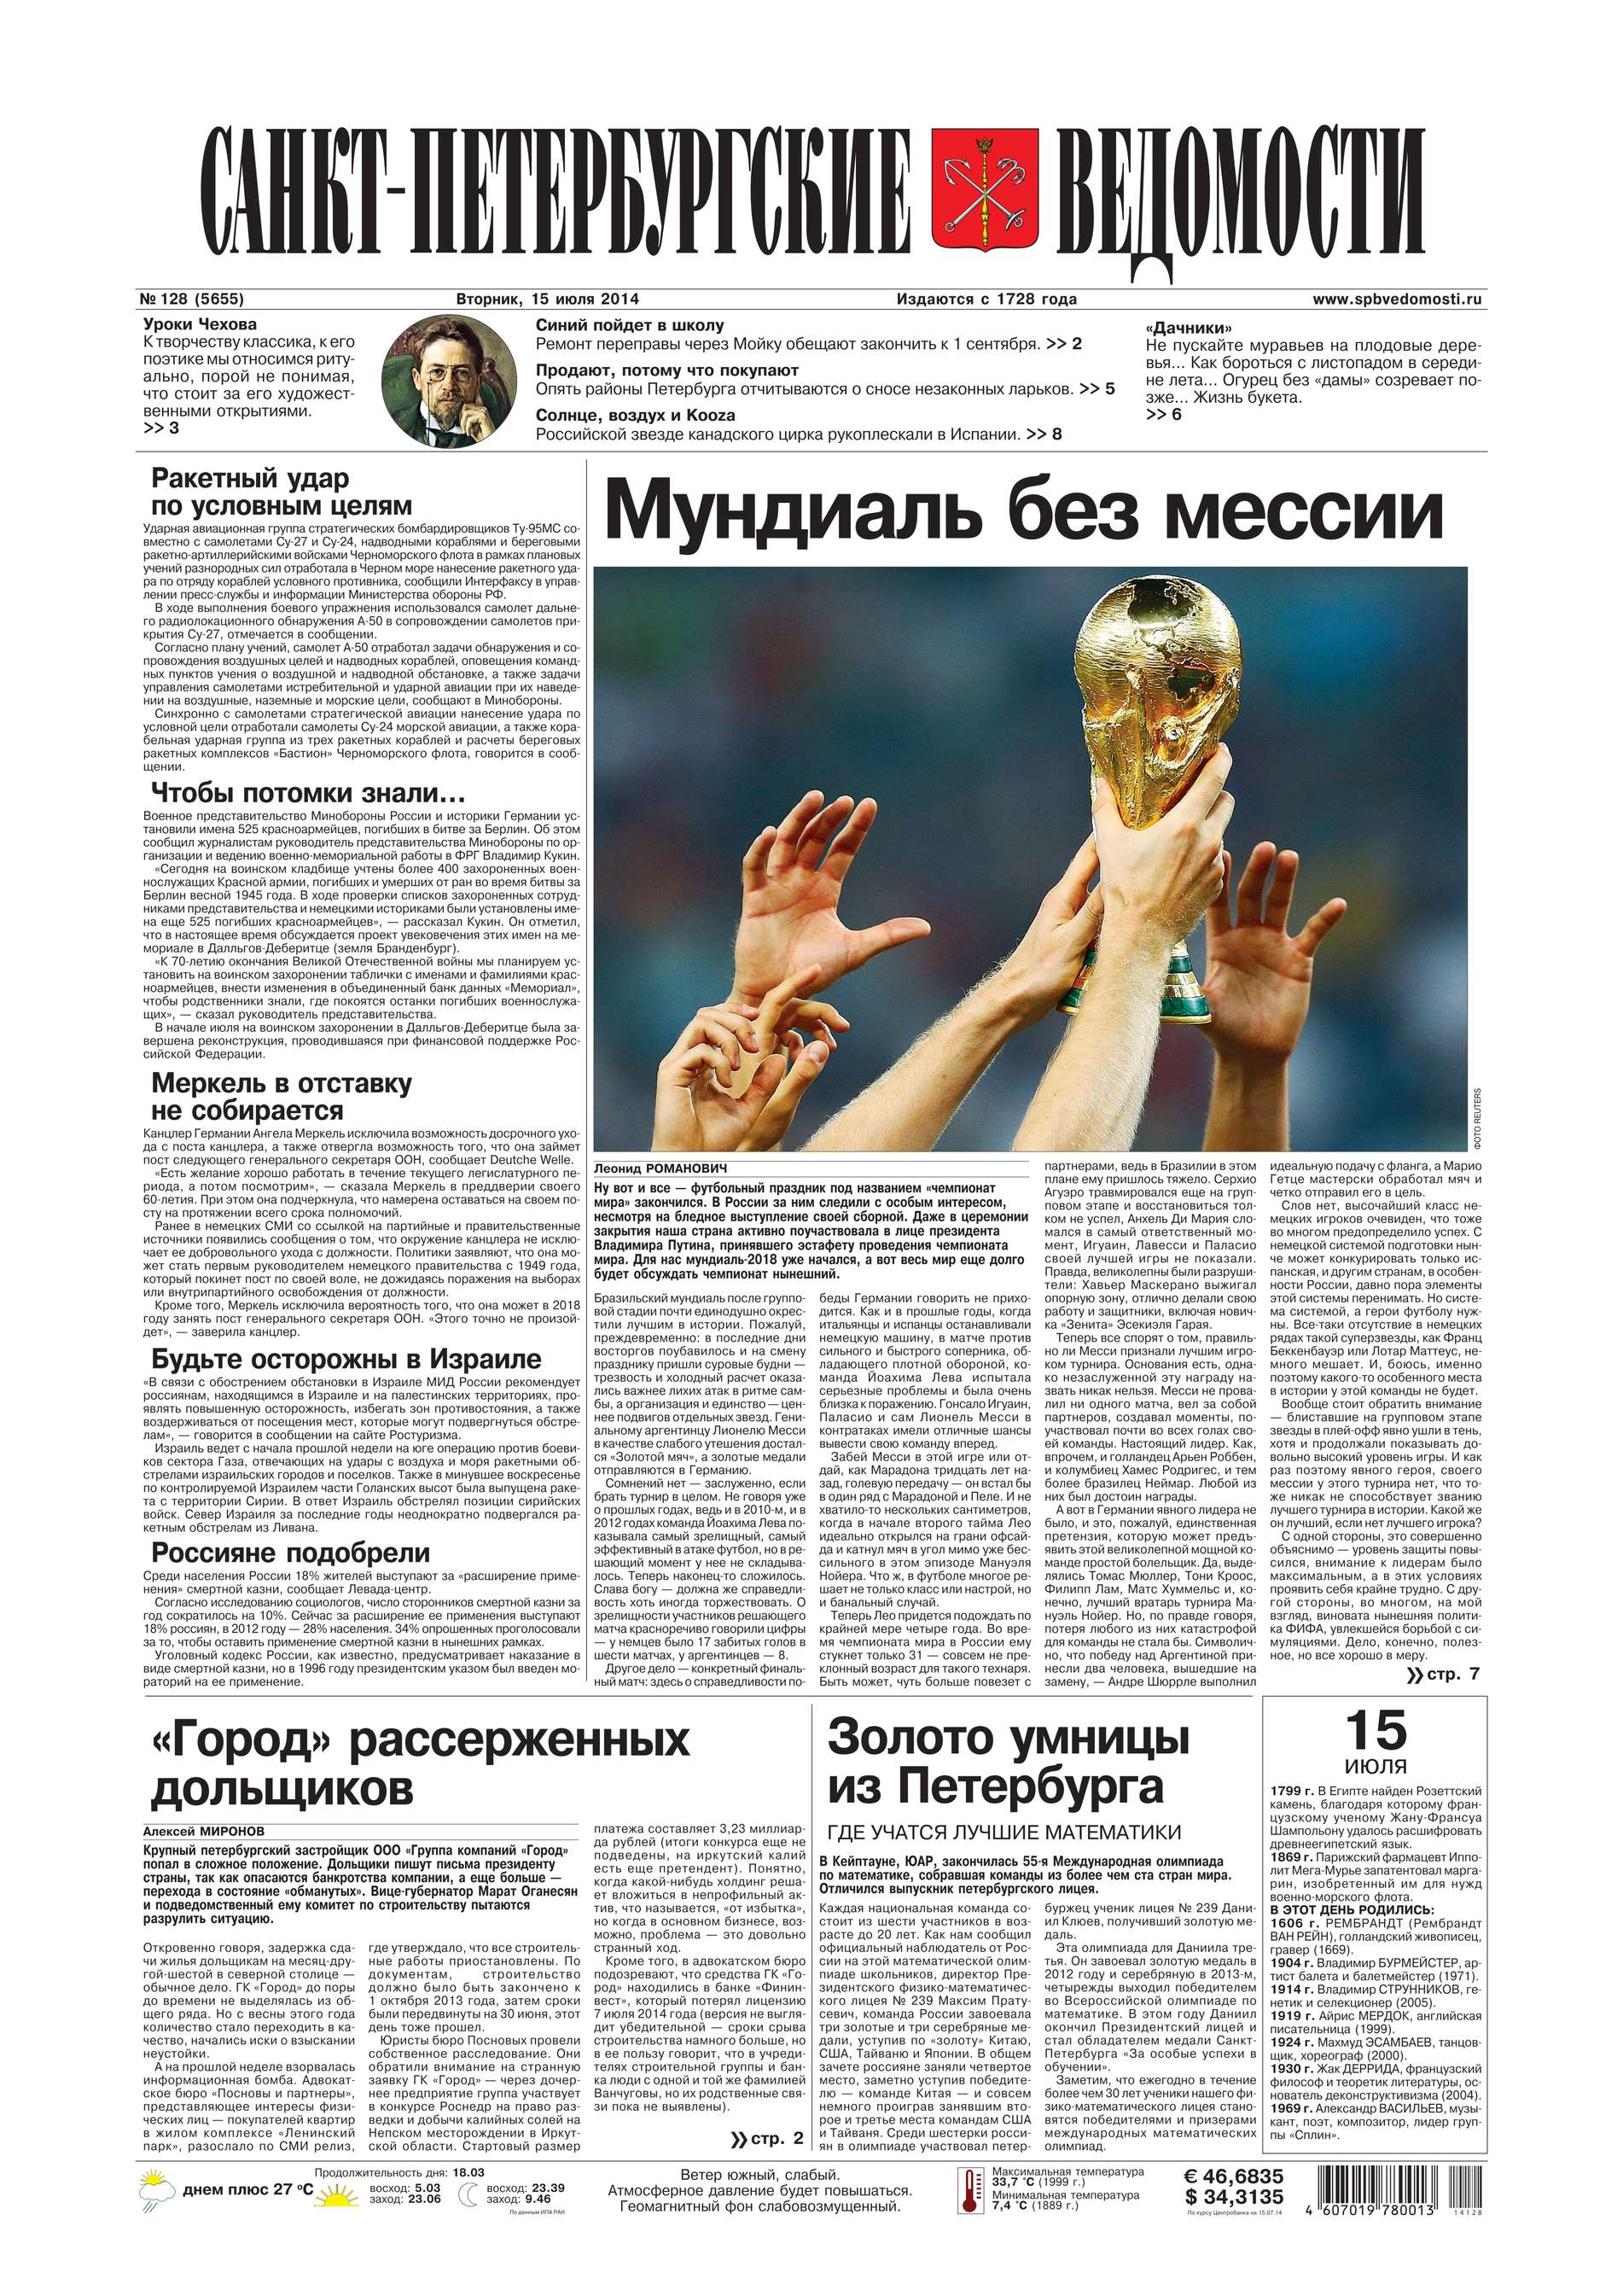 Редакция газеты Санкт-Петербургские ведомости 128-2014